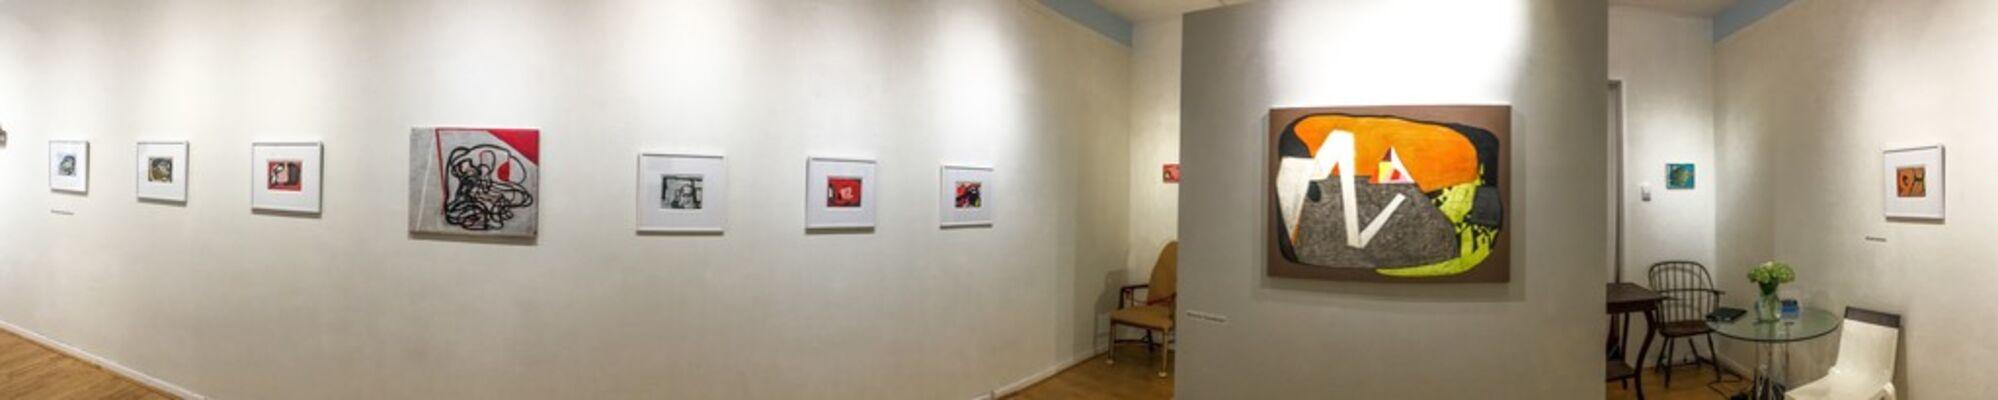 3: Brenda Goodman, Christina Tenaglia and Marie Vickerilla, installation view